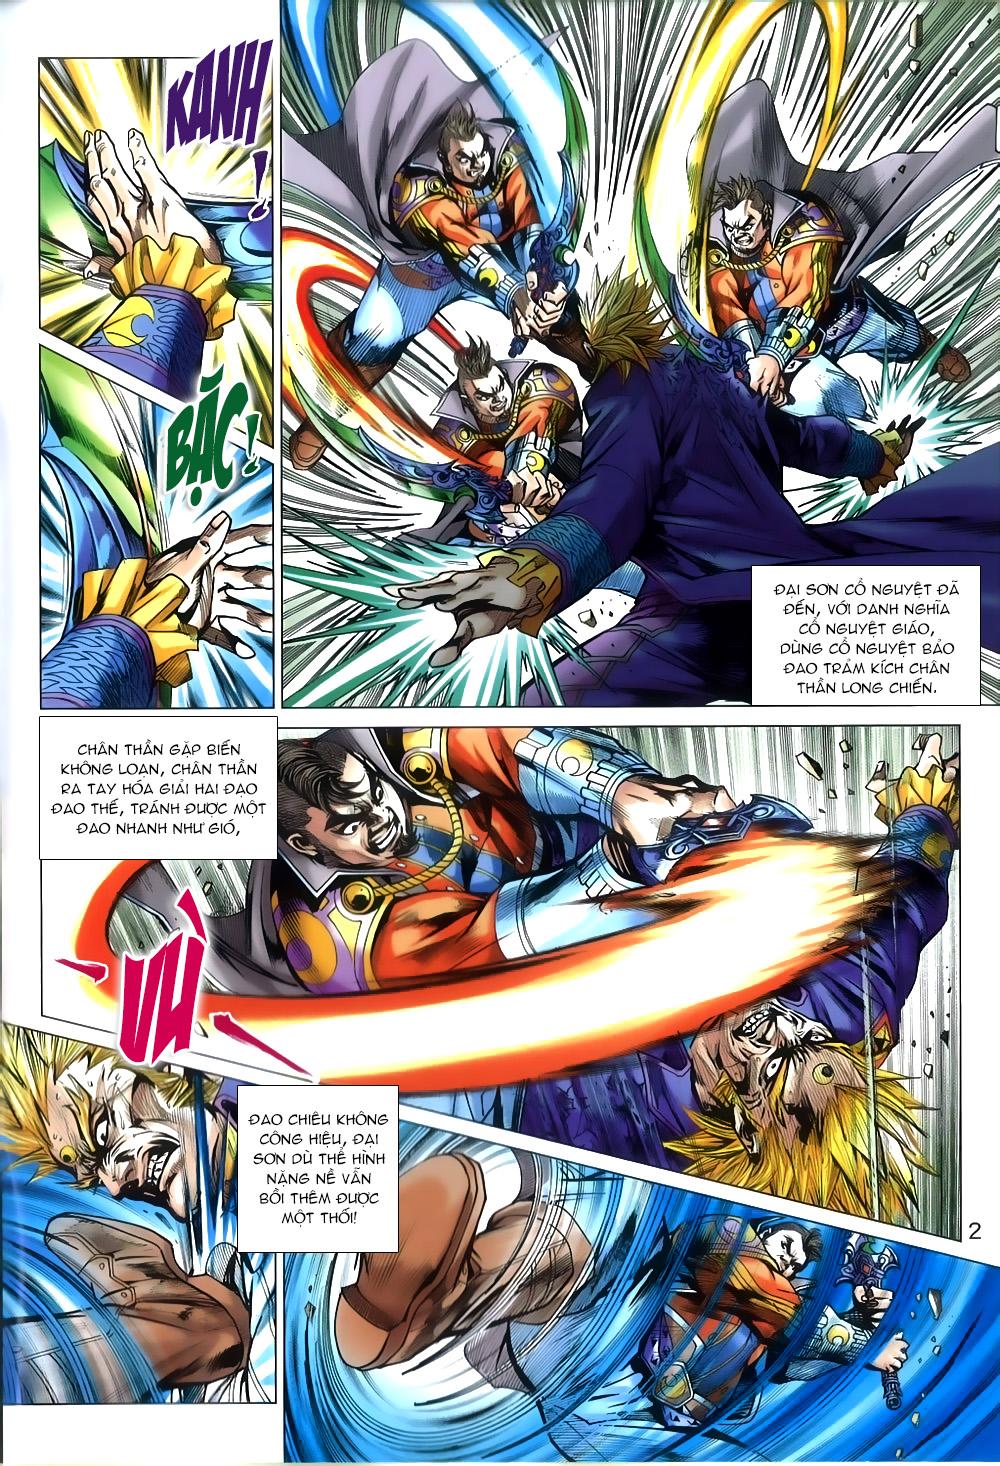 Tân Tác Long Hổ Môn chap 809 Trang 2 - Mangak.info